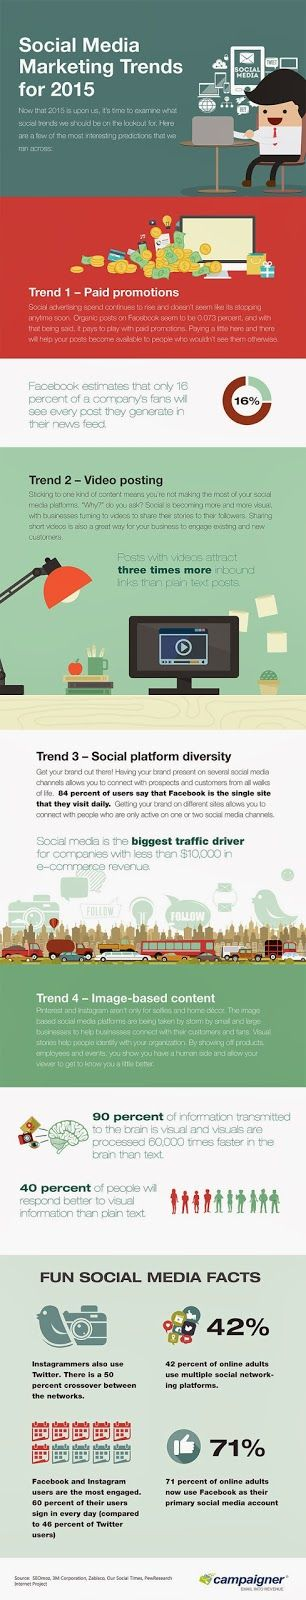 Always good to know the trends! www.depledgemedia.com #socialmedia